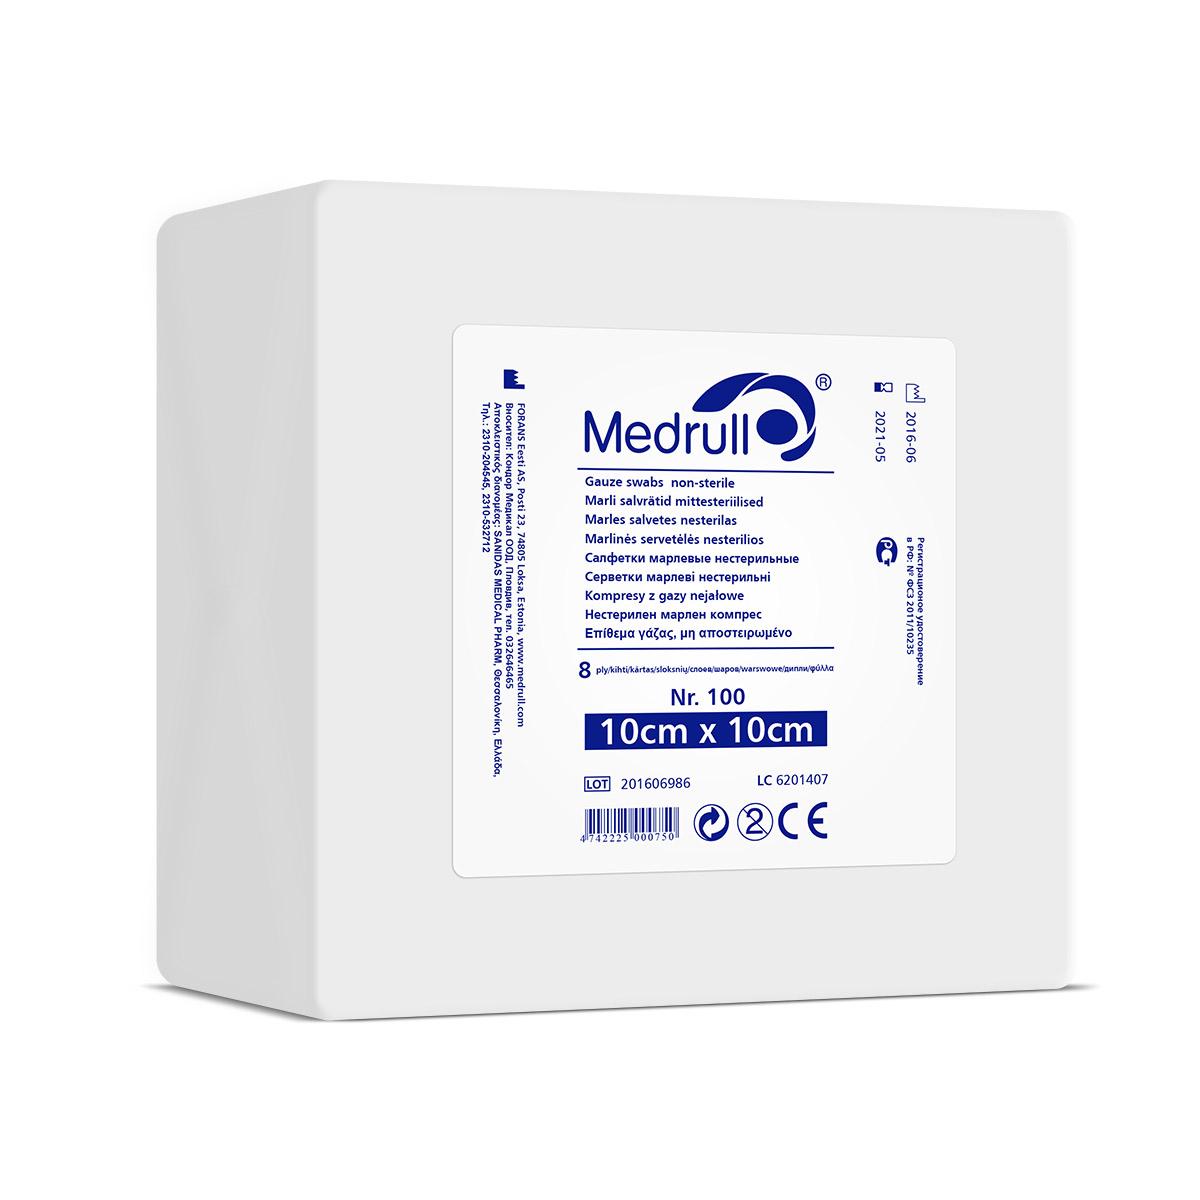 Medrull Салфетки марлевые медицинские N100, 8-слойные, нестерильные, 10х10 смБУ-00000316САЛФЕТКИ МАРЛЕВЫЕ НЕСТЕРИЛЬНЫЕ/8 СЛ. NR 100 Состав 100% хлопок. Структура материала 17 ниток/см2. Размер 8 сл 10см x 10см